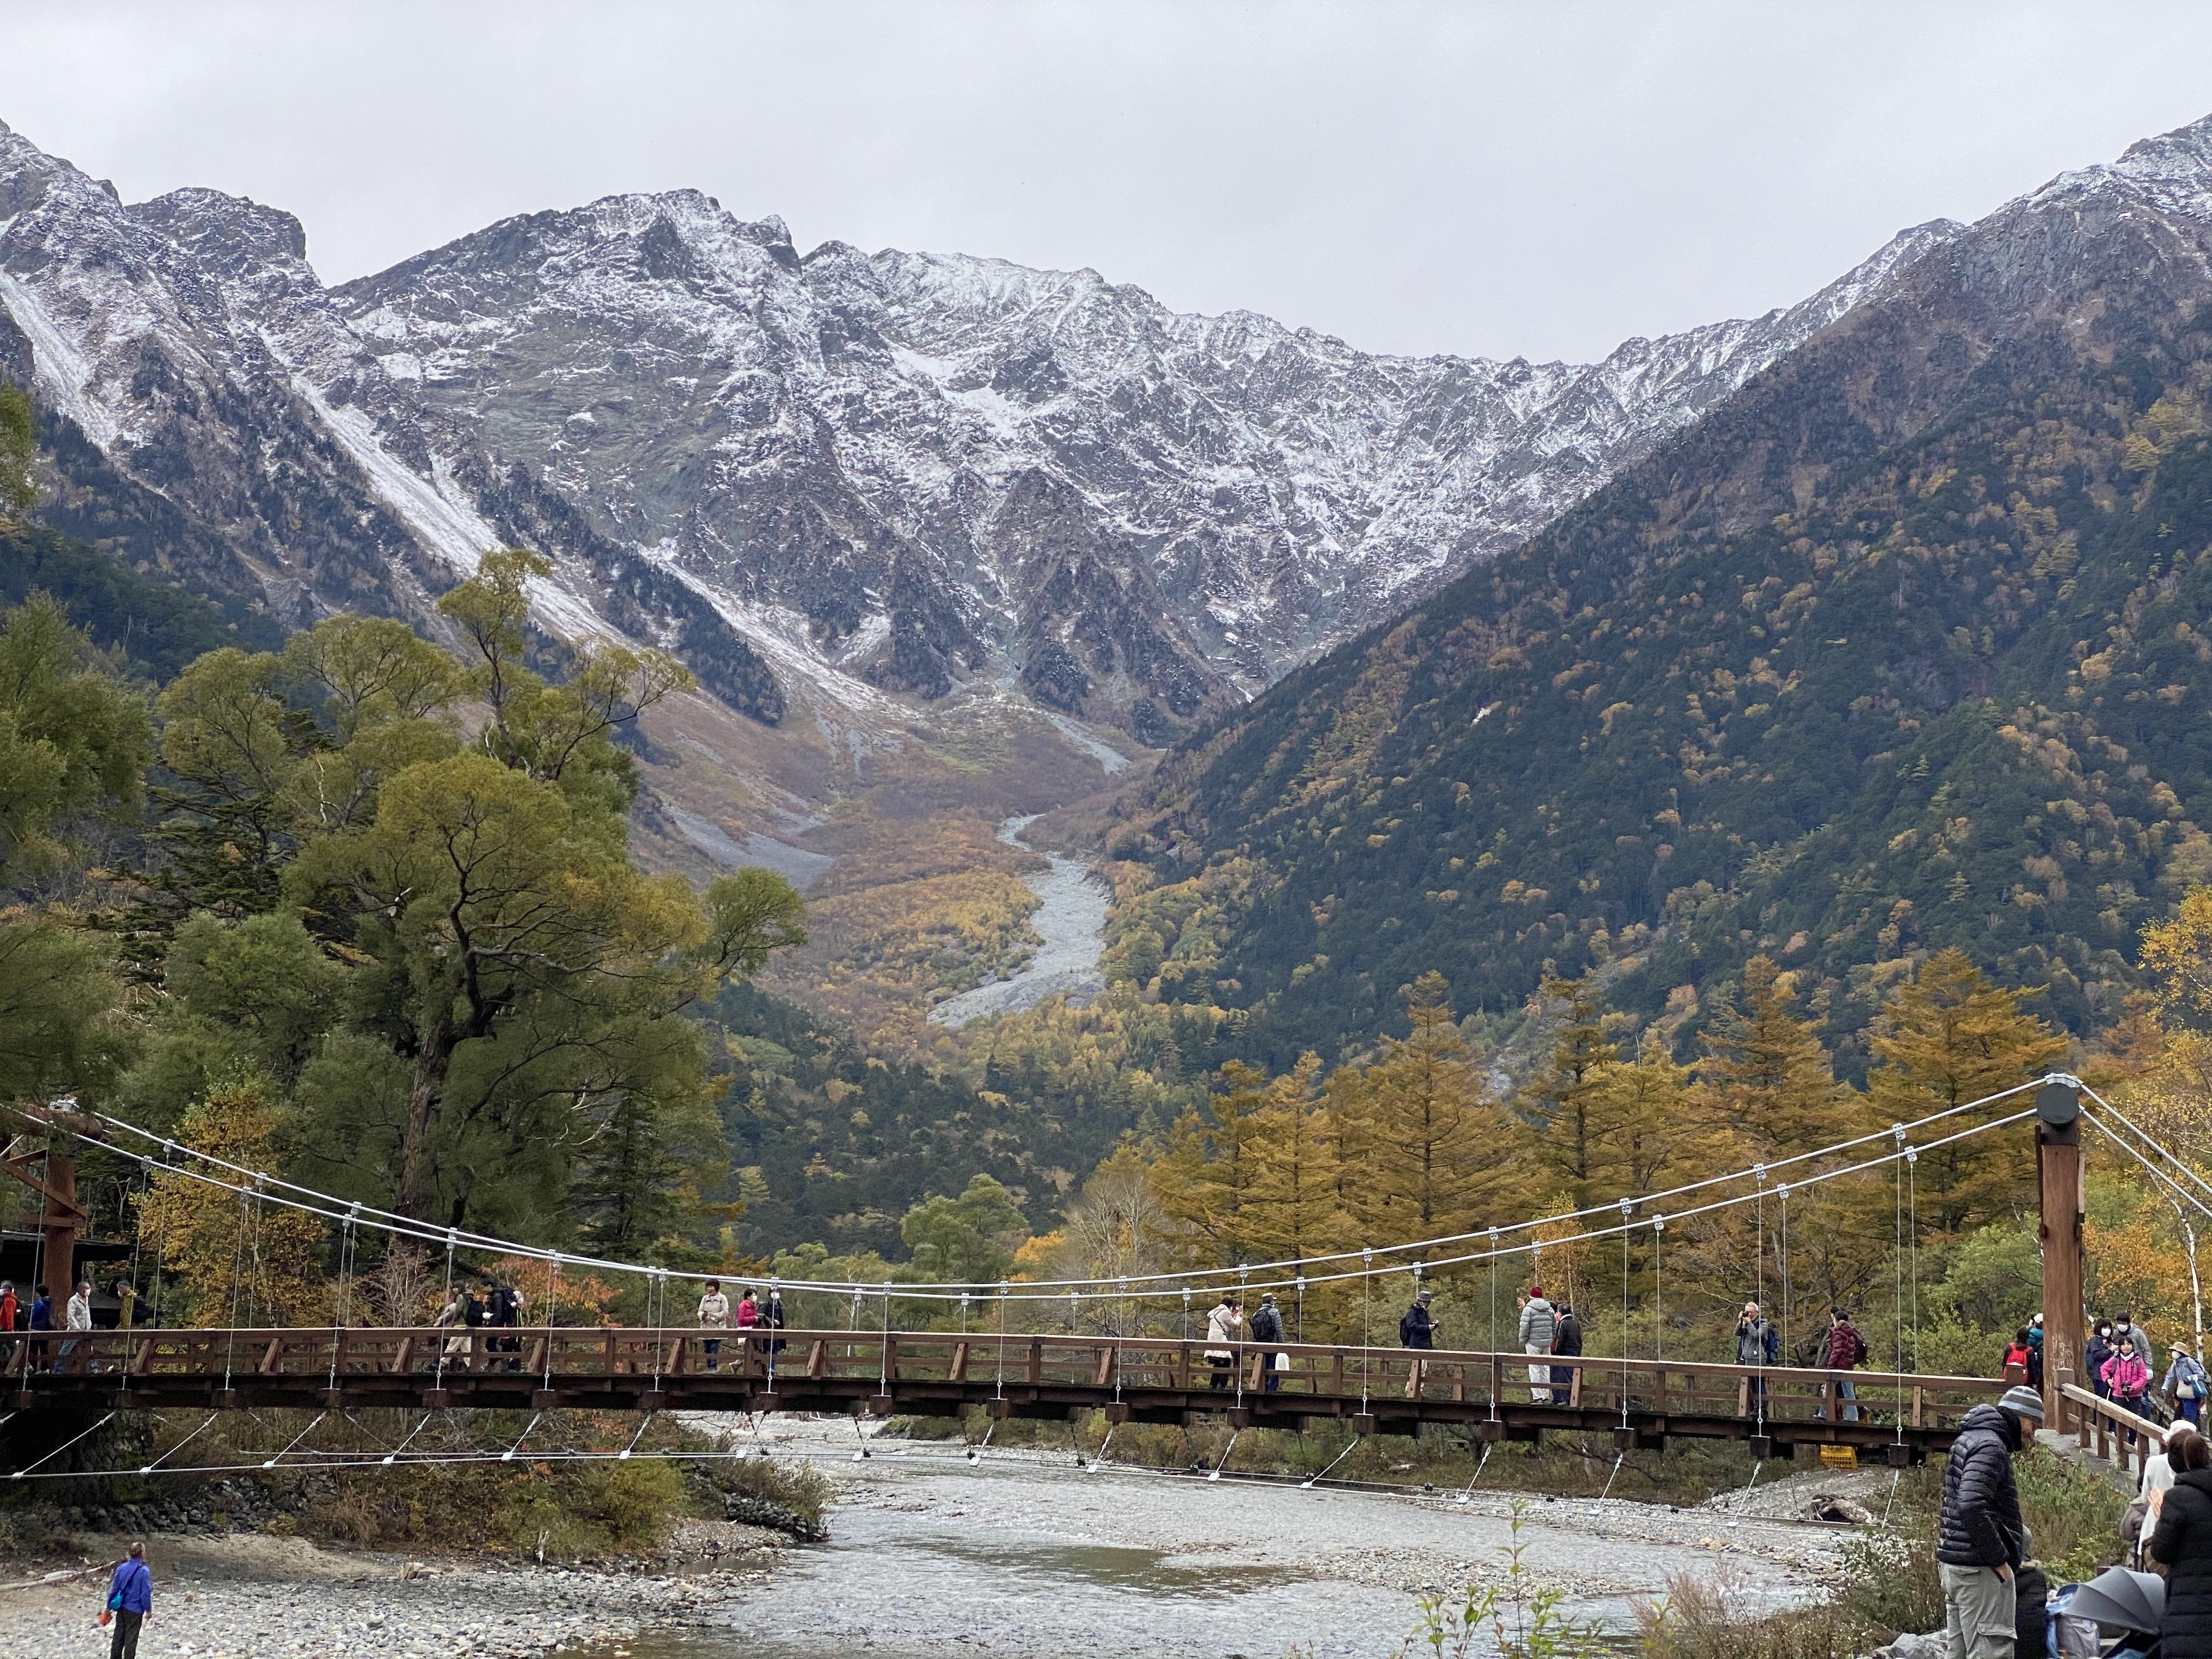 河童橋から正面に見える穂高連峰中腹の溪谷